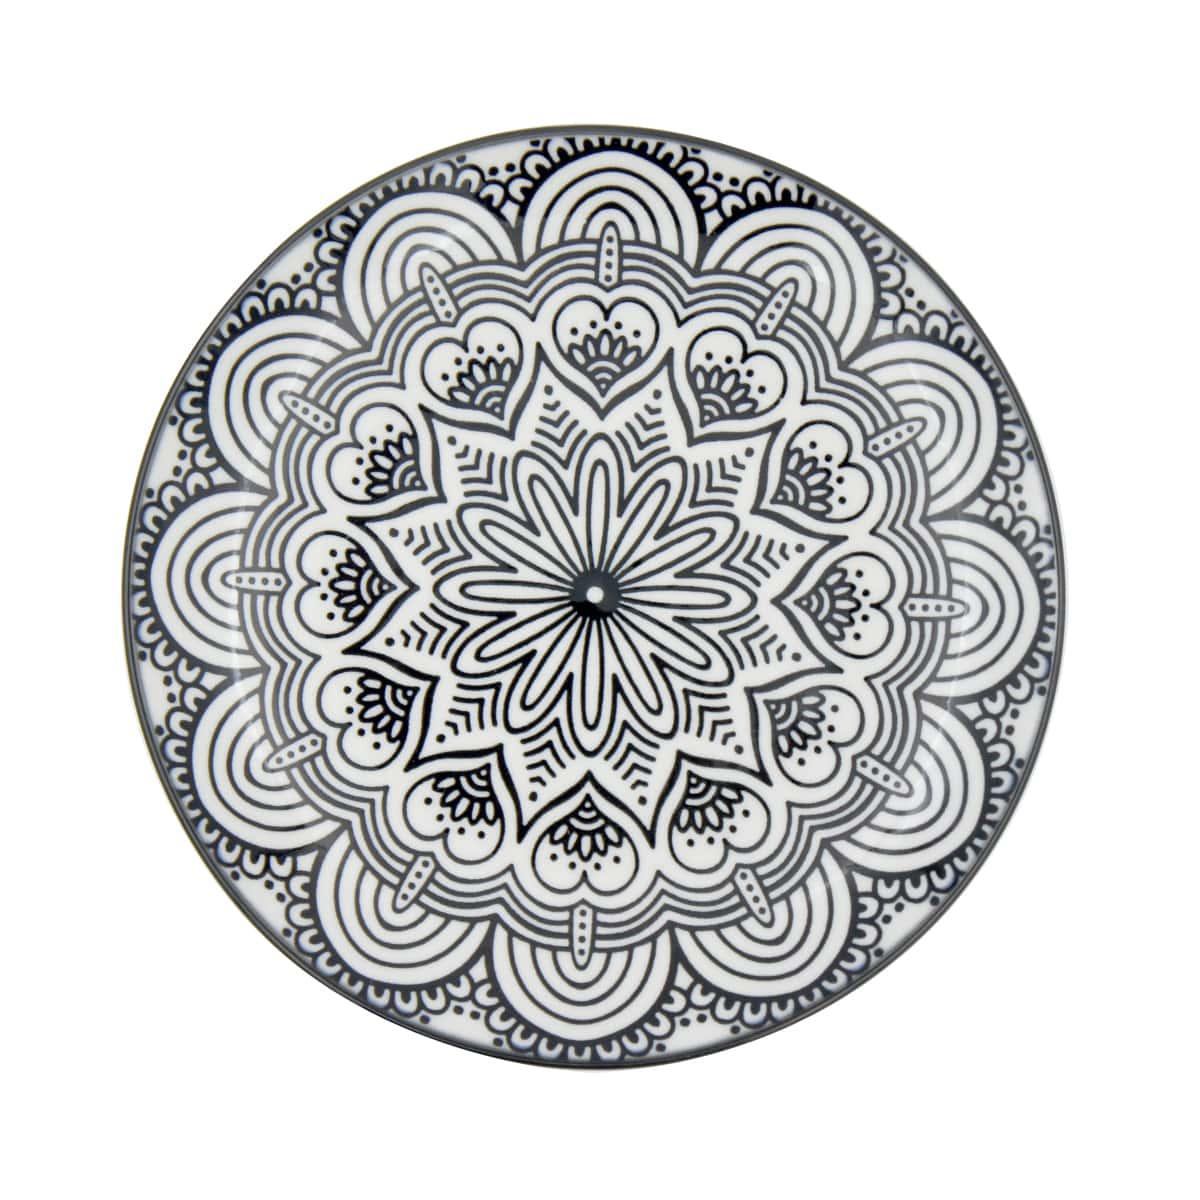 Jogo com 4 Pratos Sobremesa em Porcelana Mandala Preto e Branco